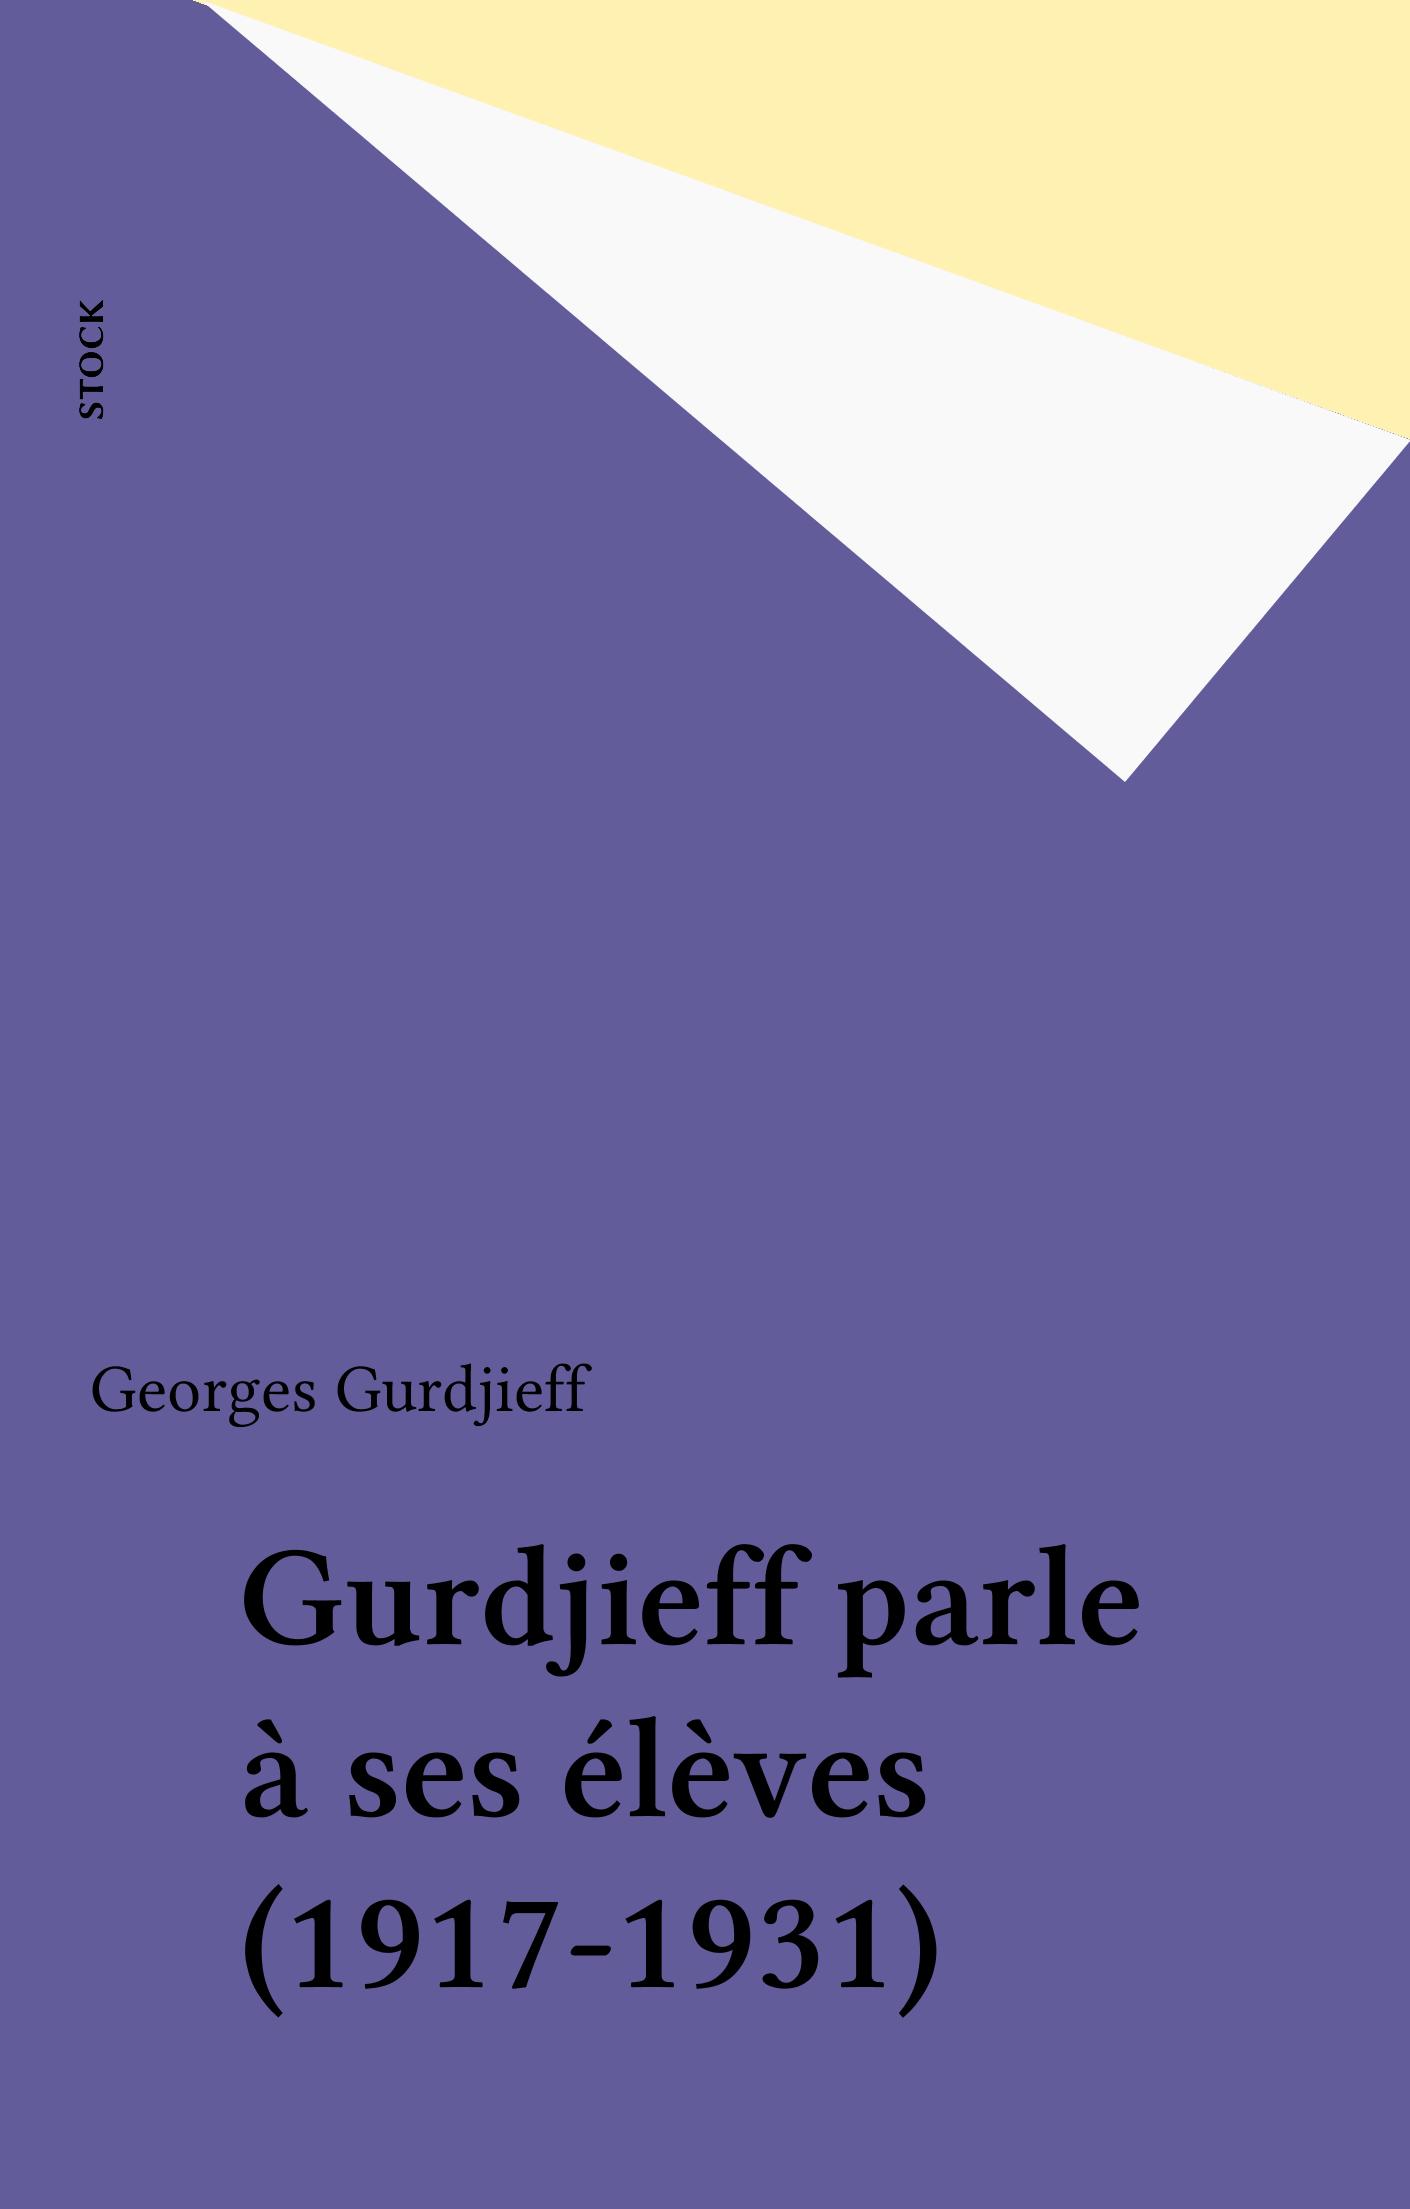 Gurdjieff parle à ses élèves (1917-1931)